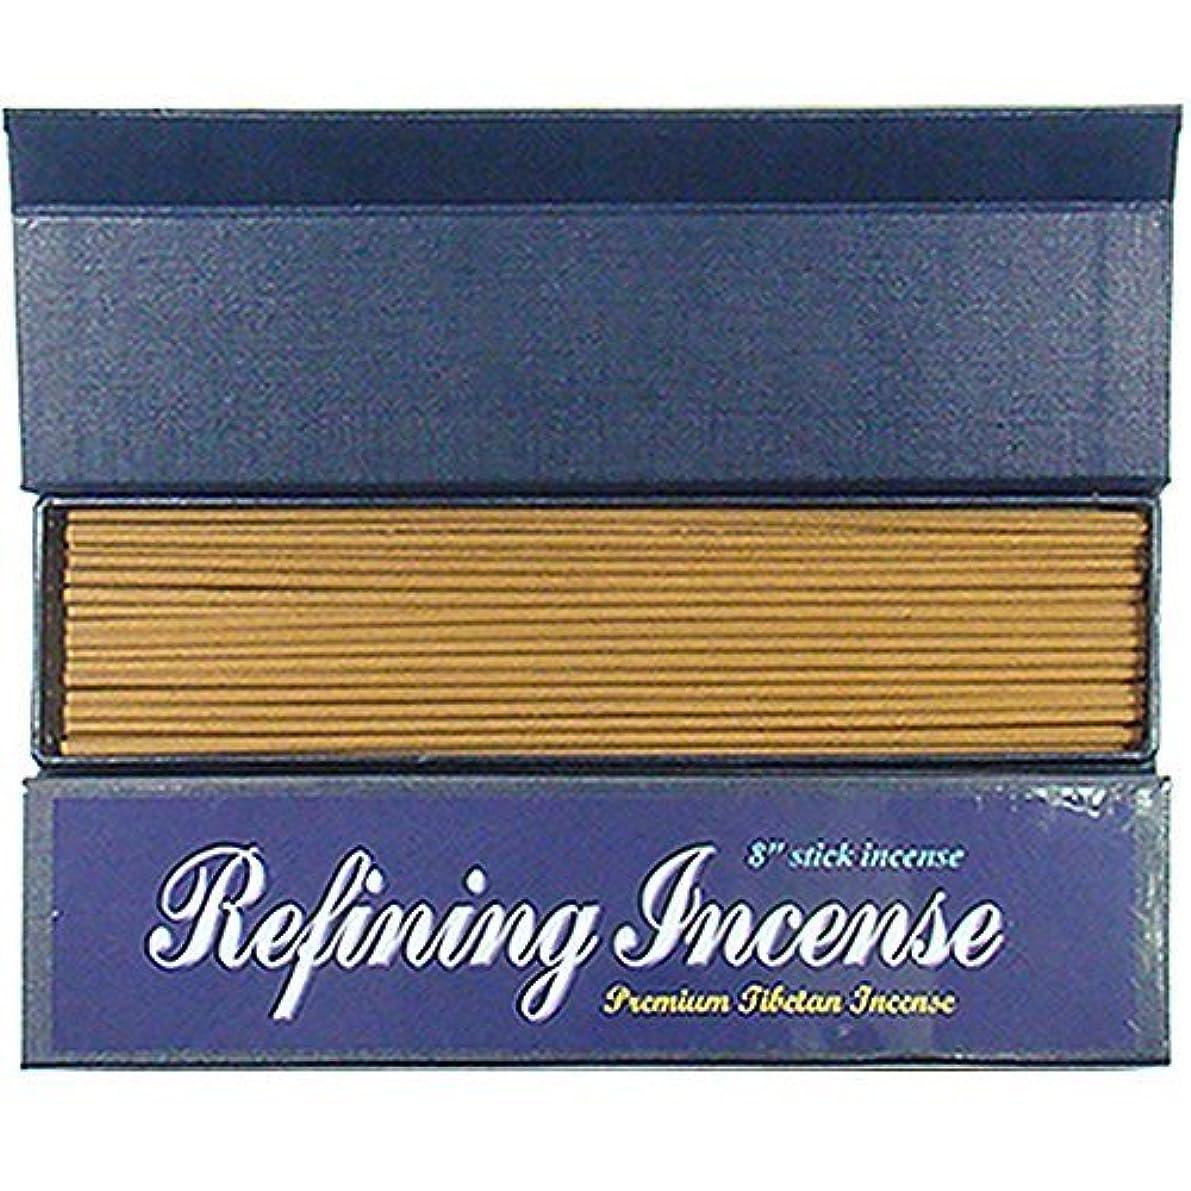 瞑想的メタリック続編Refining Incense - 8 Stick Incense - 100% Natural - I004T [並行輸入品]